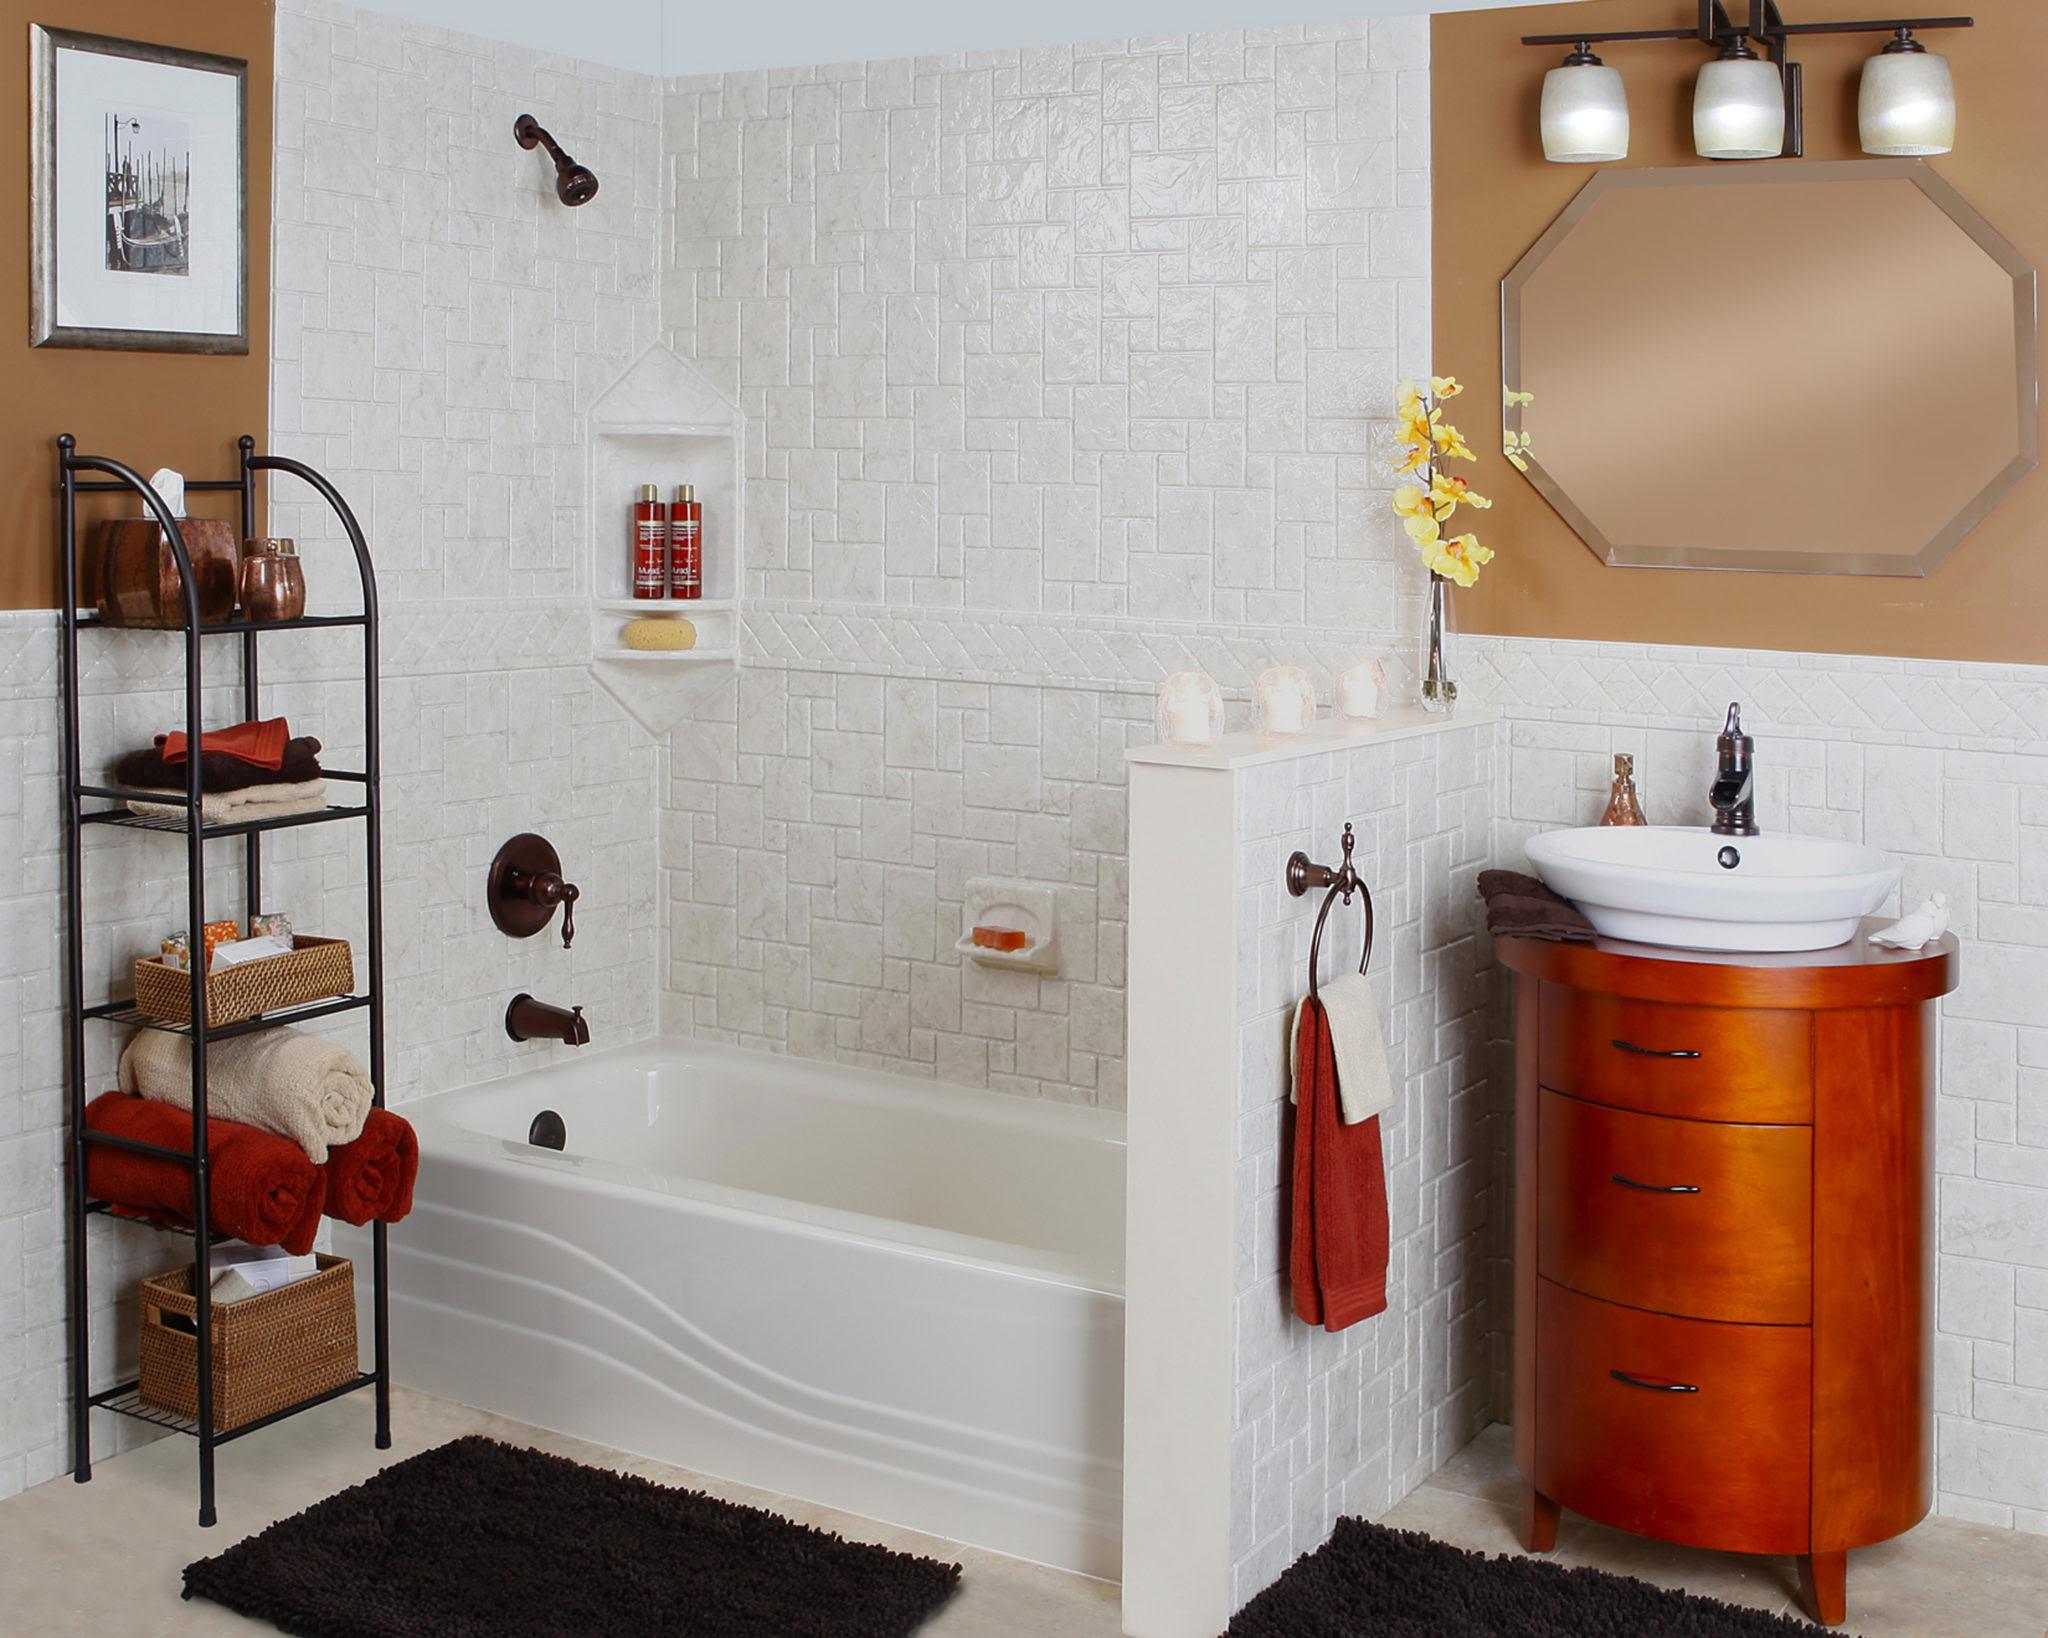 Bathroom Renovation Mississauga Modern Design - Bathroom remodeling mississauga